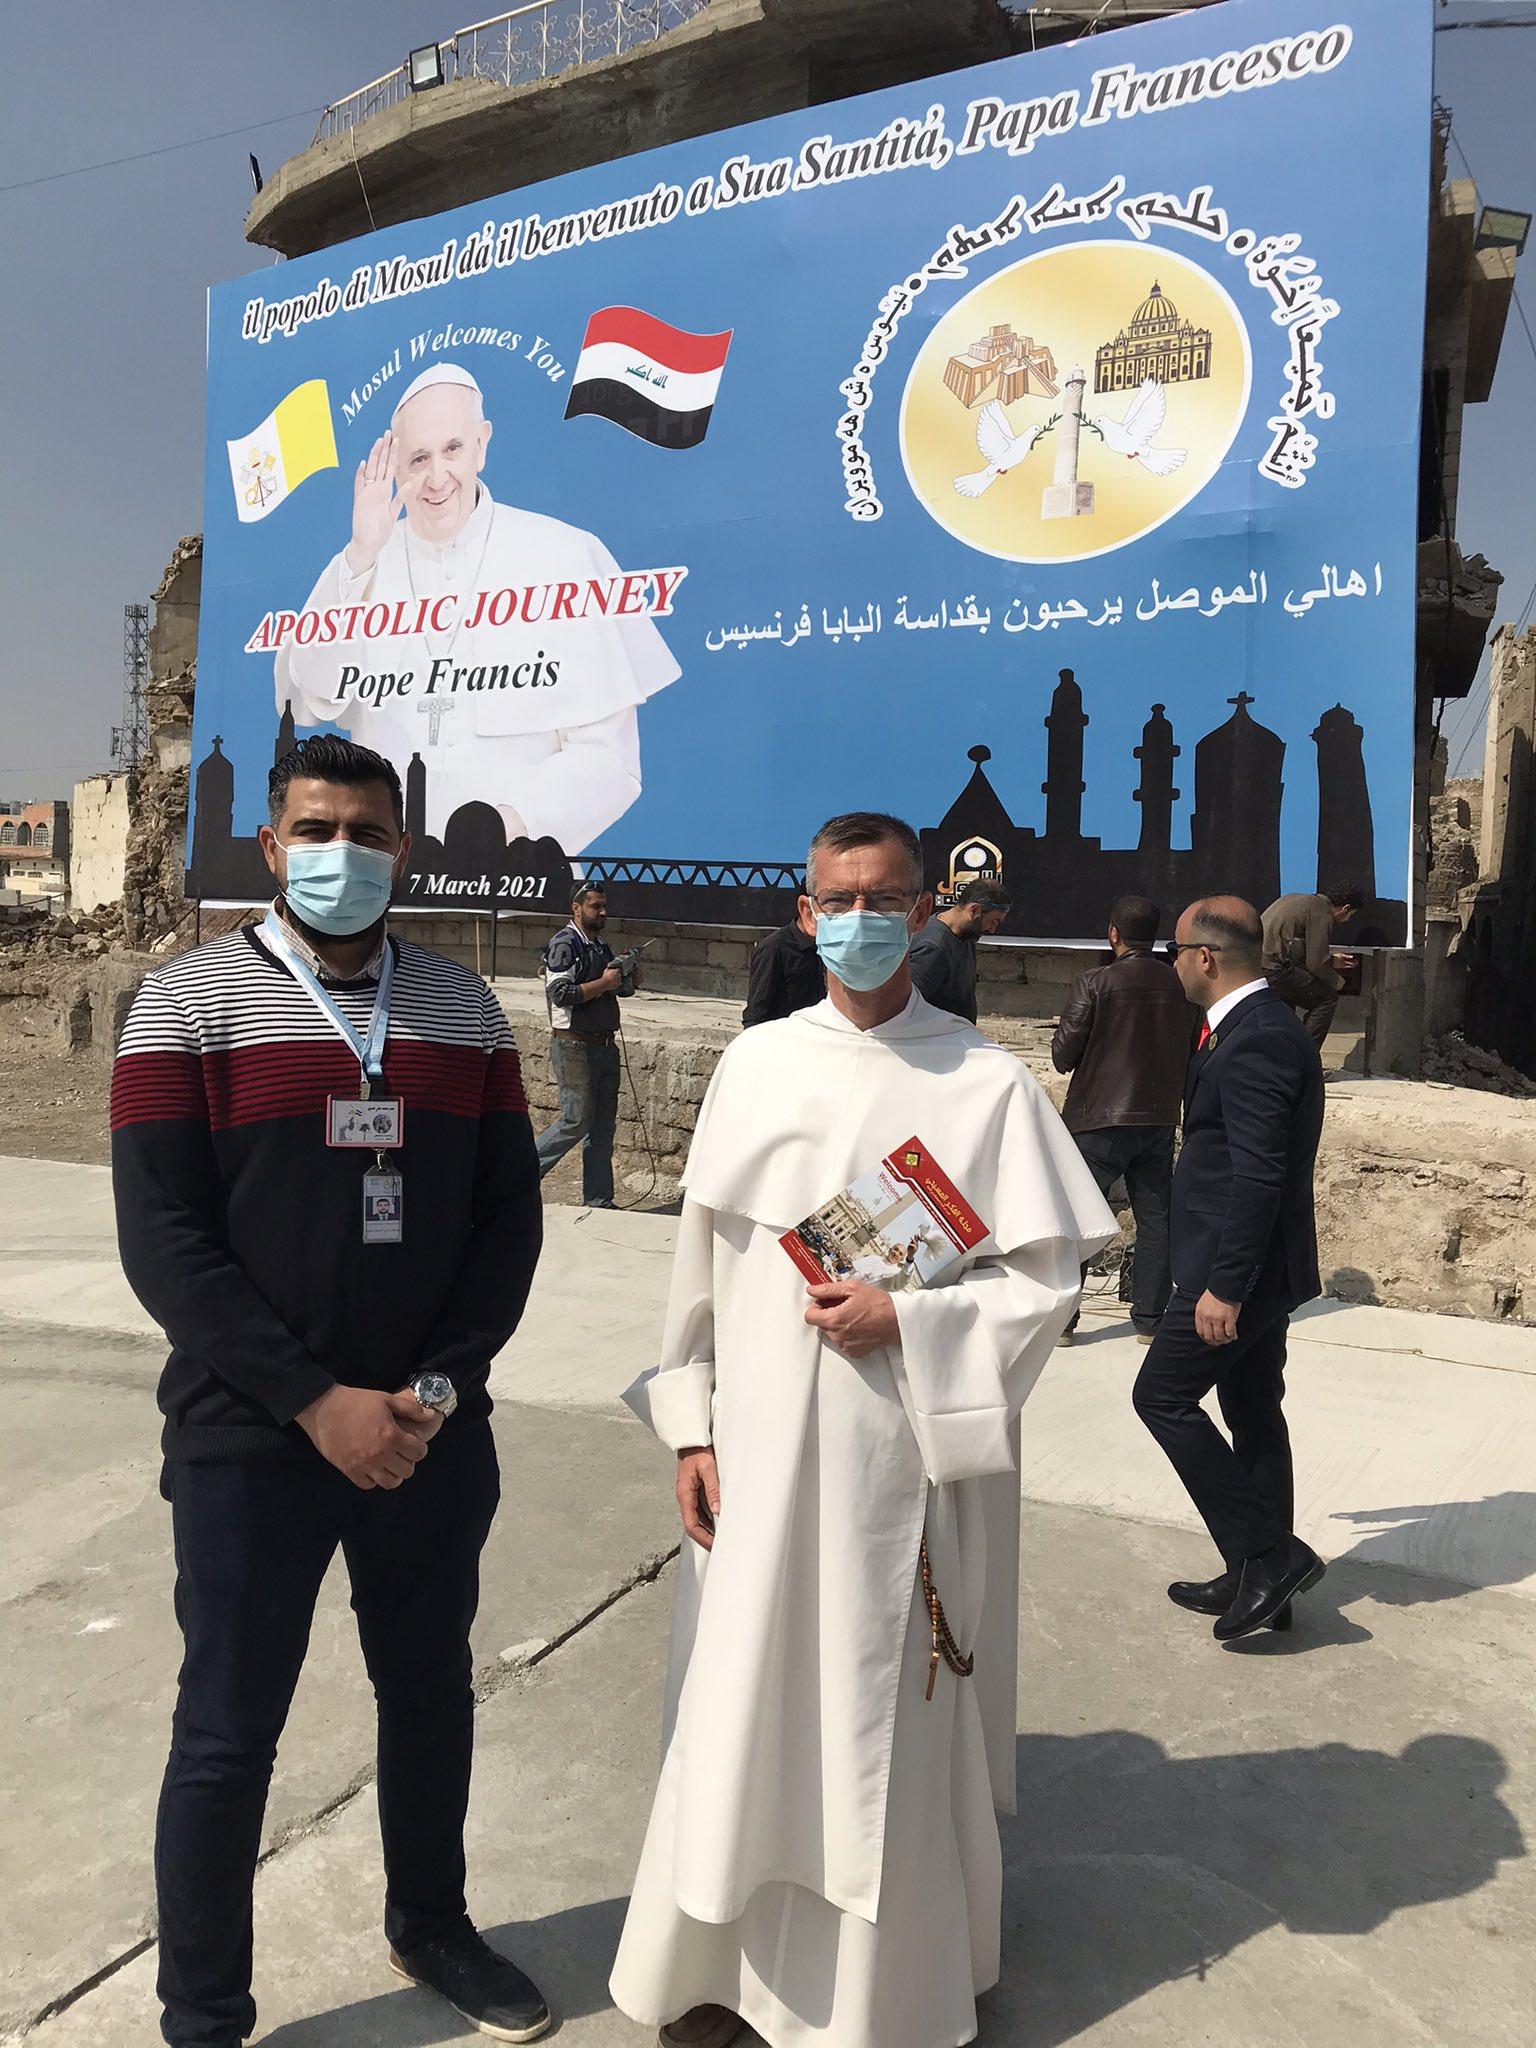 Mossoul attend le pape François @OPoquillon